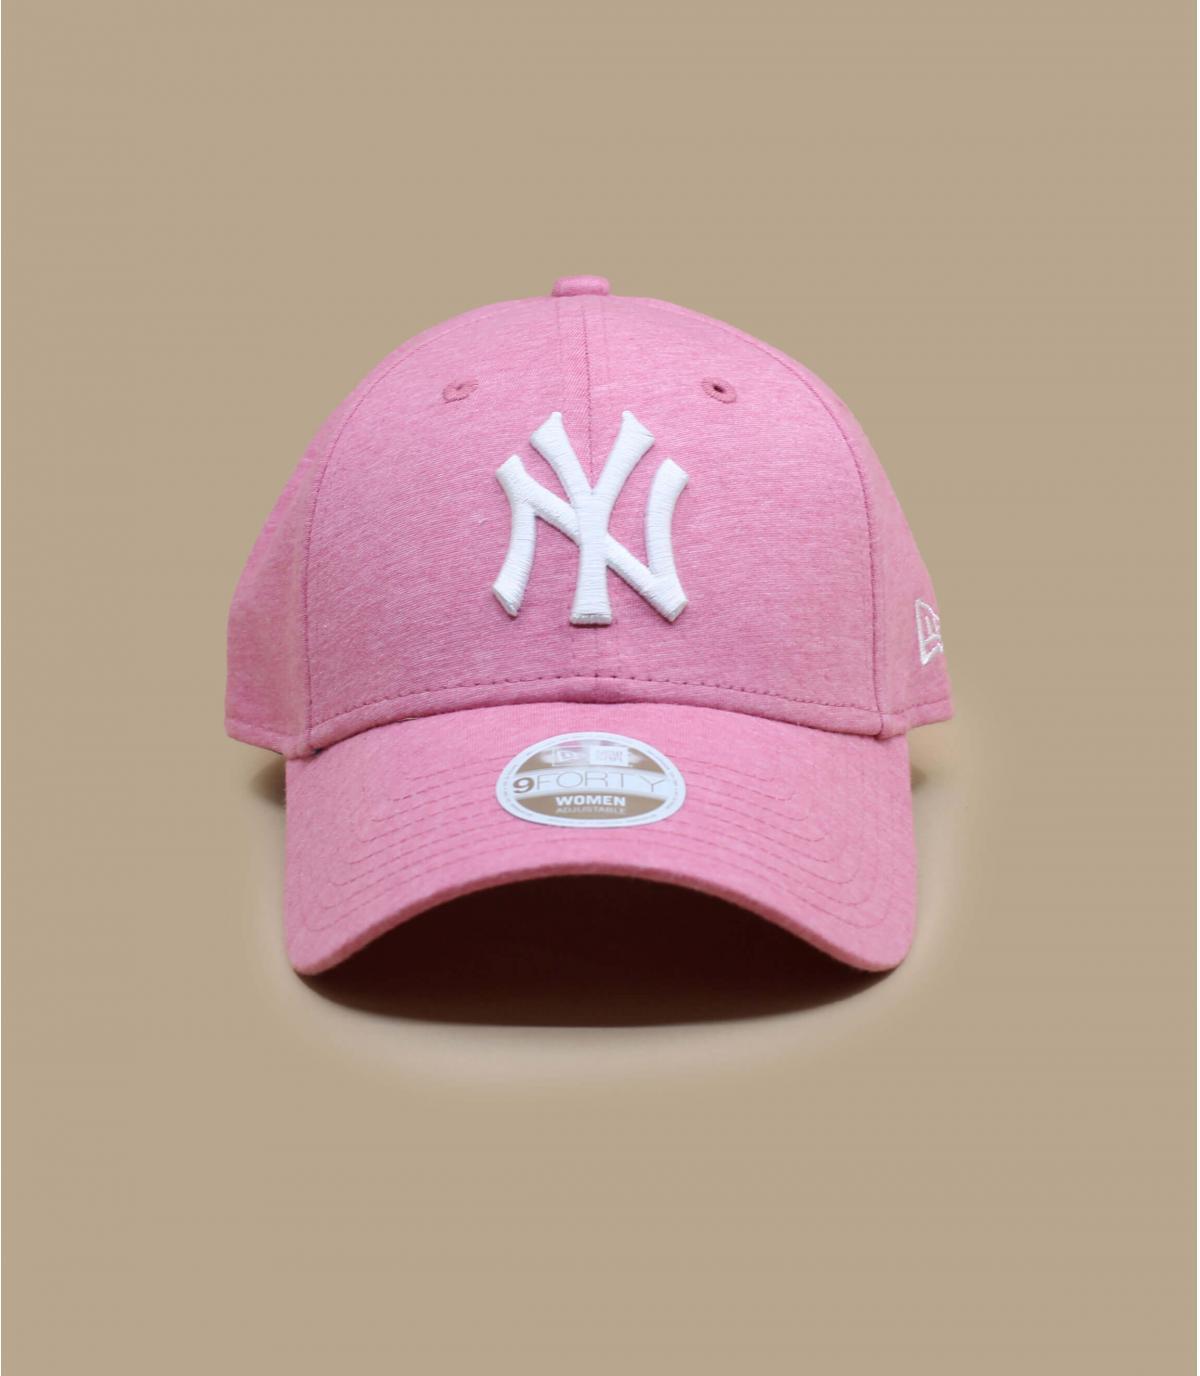 Détails Casquette Wmn Jersey Ess 940 NY pink - image 2